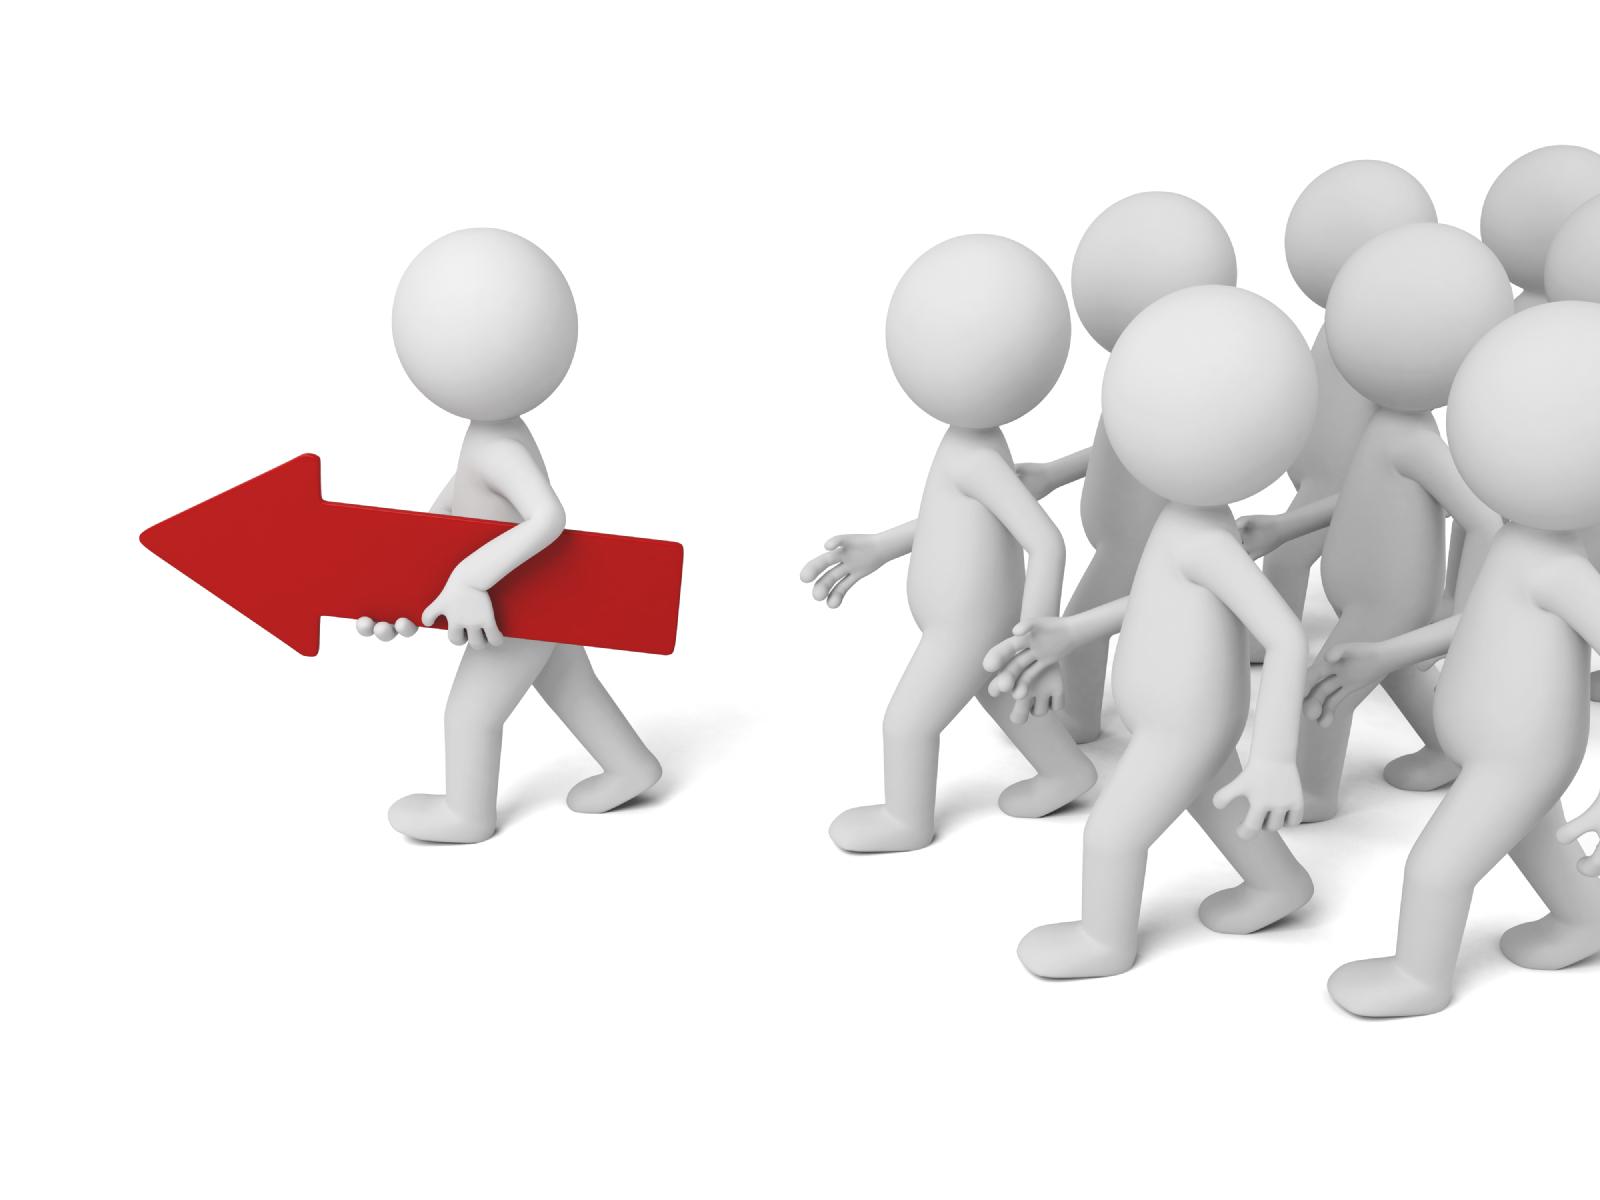 リーダーは人を動かしチームを動かす・・・・・  人事見直し倶楽部通信  №3379